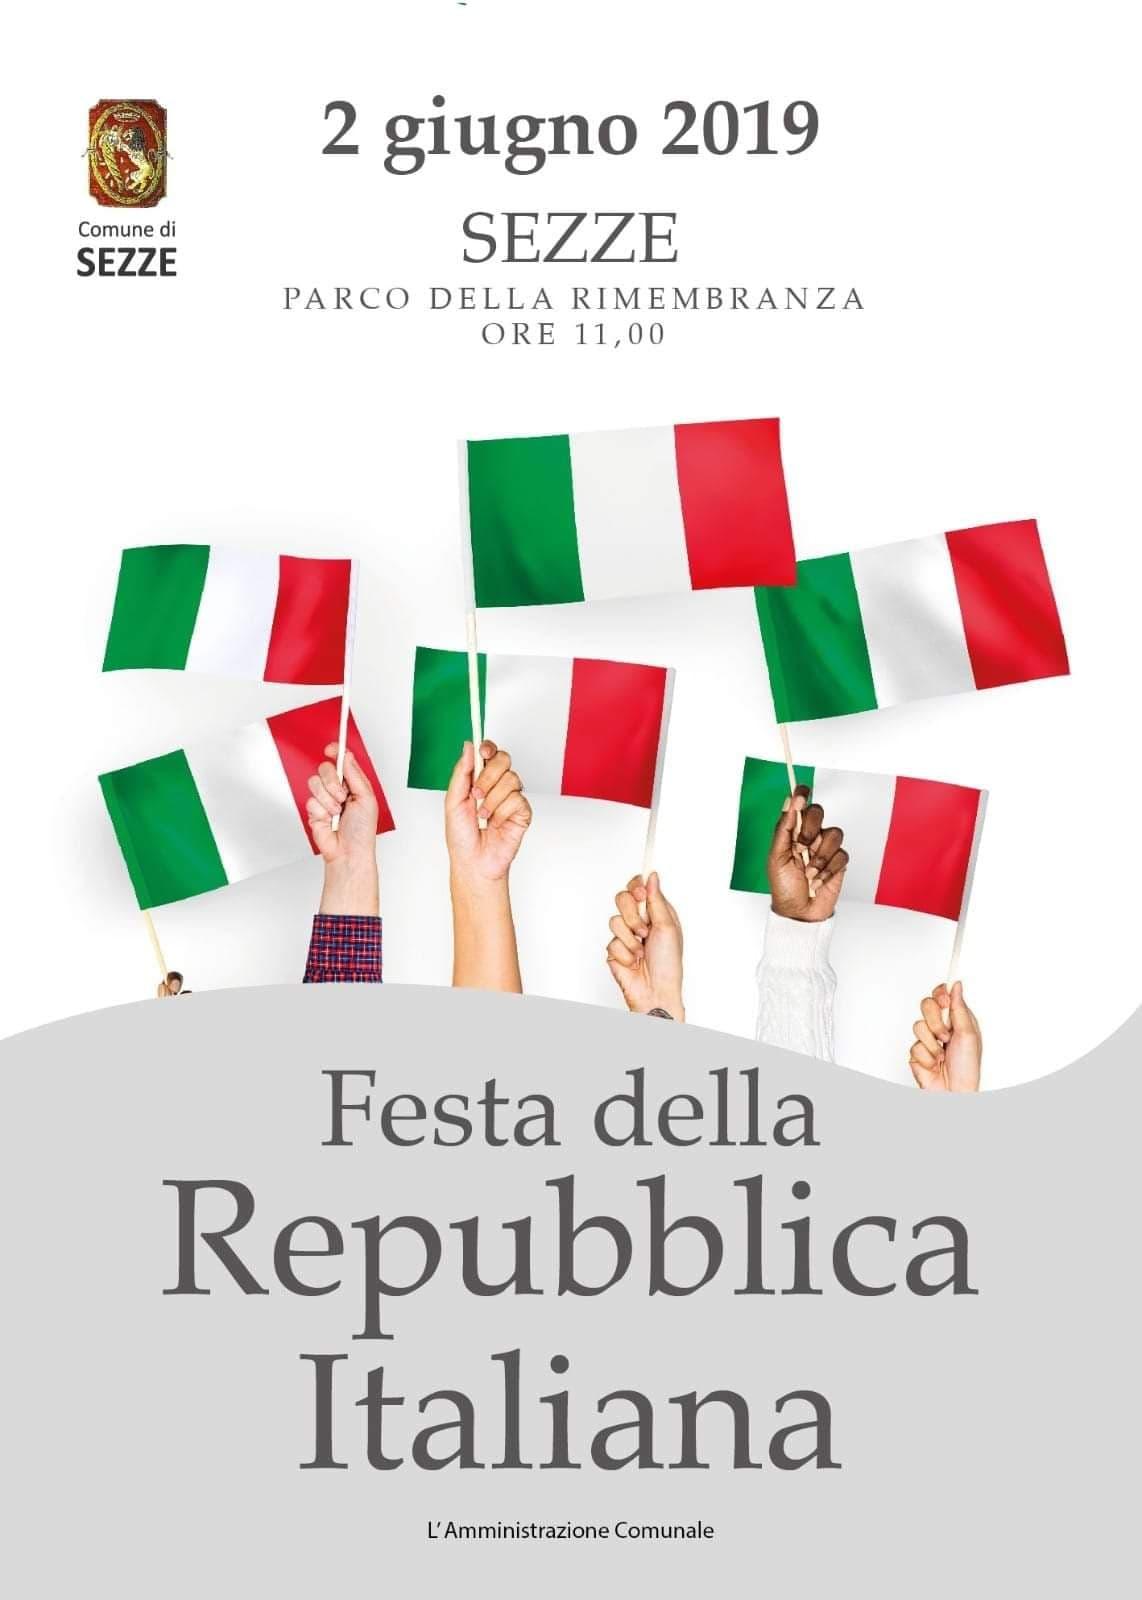 Sezze: Festa della Repubblica Italiana @ Parco della rimembranza | Sezze | Lazio | Italia